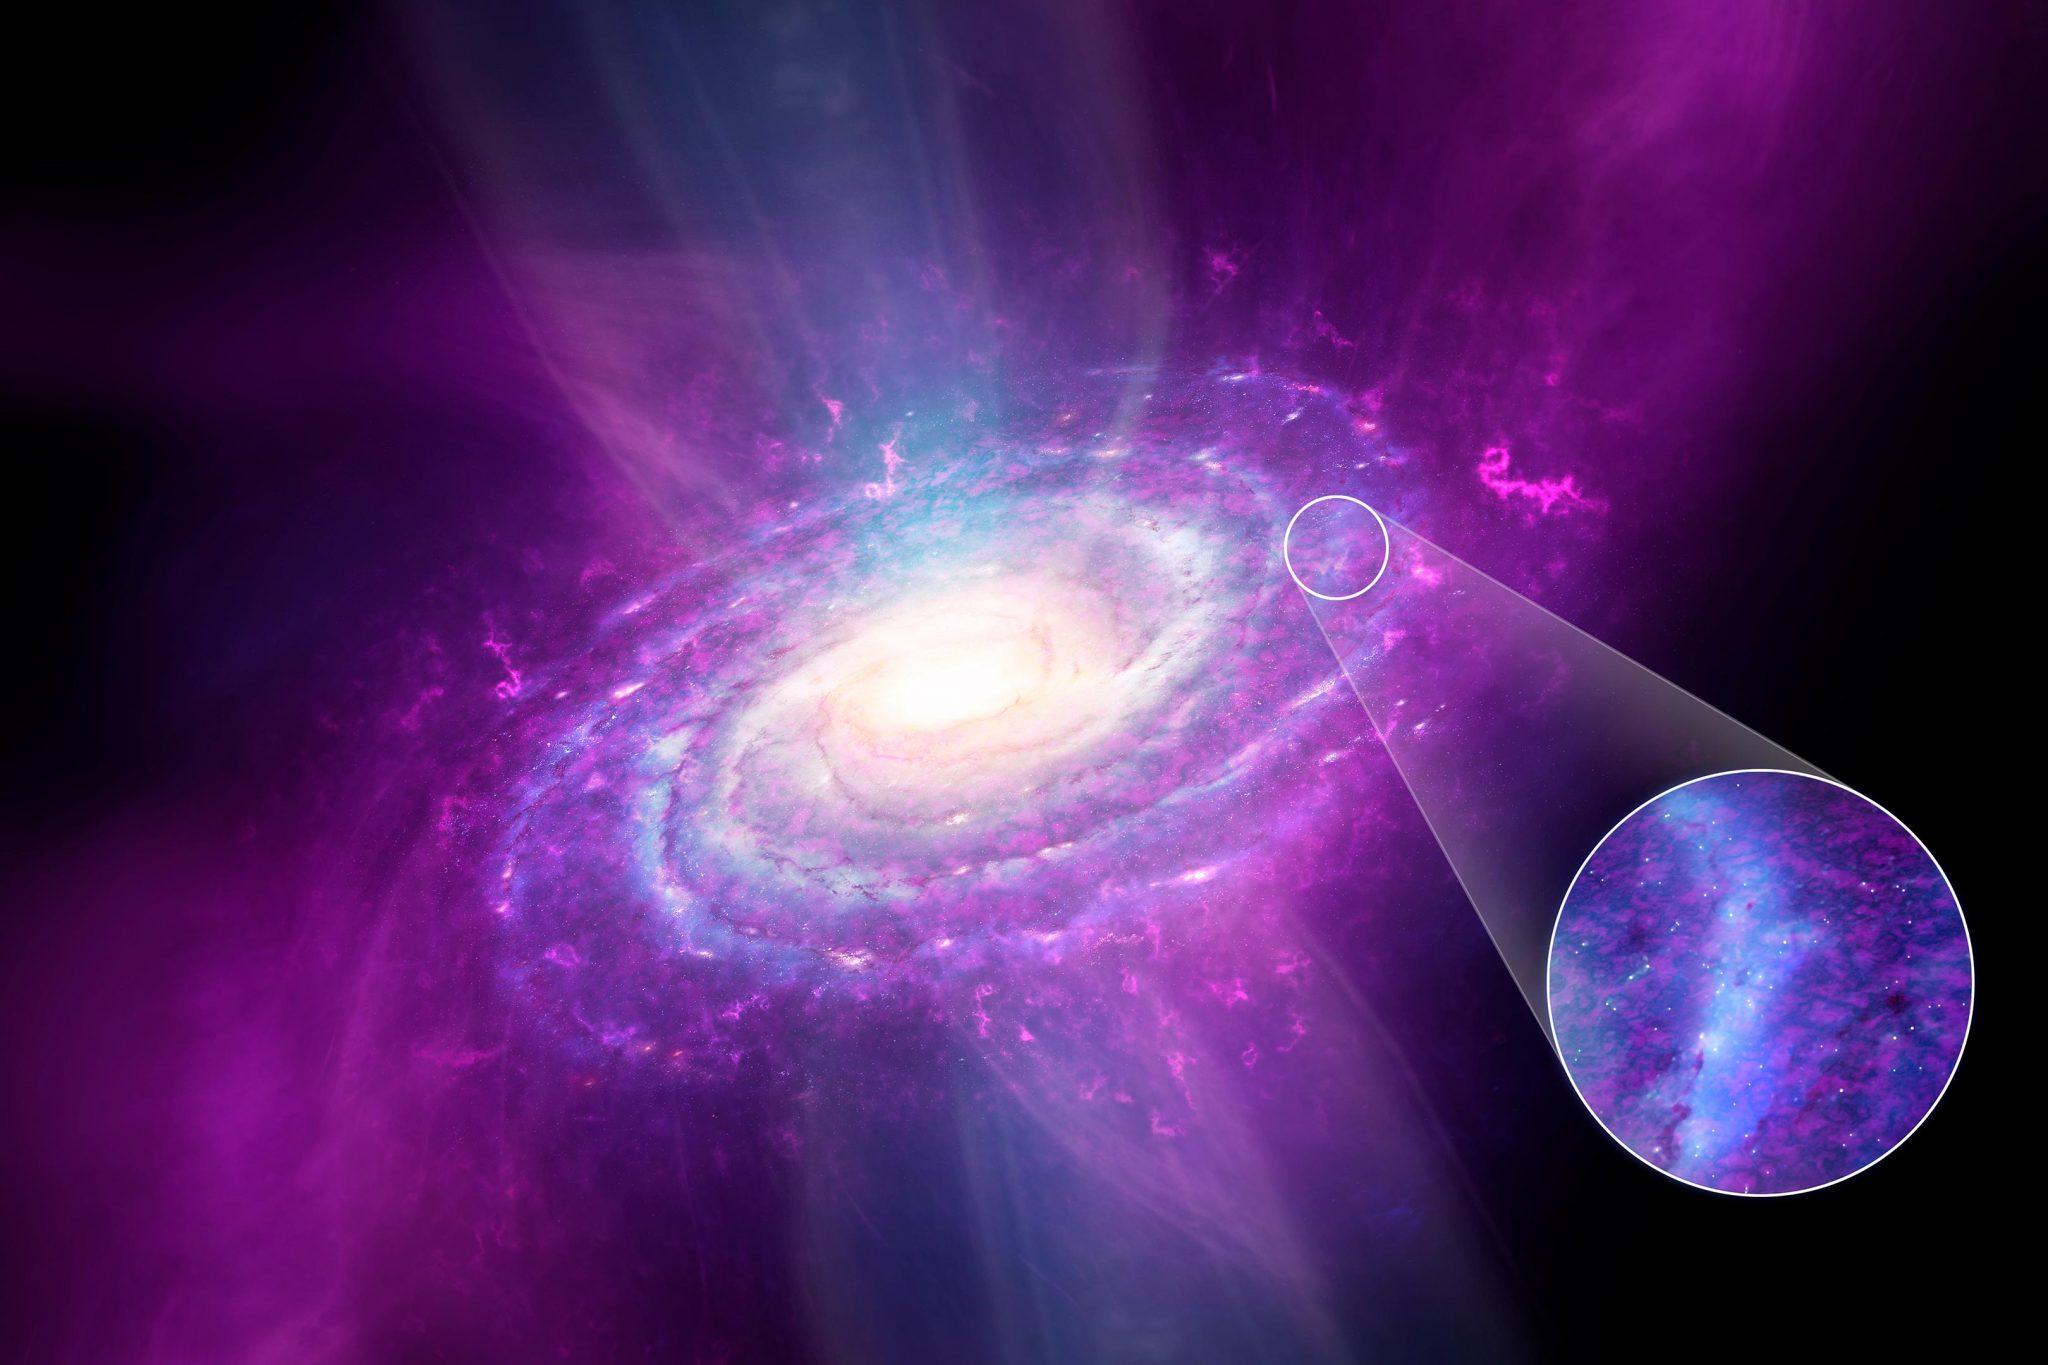 天文学家研究构成银河系的气体和金属组成